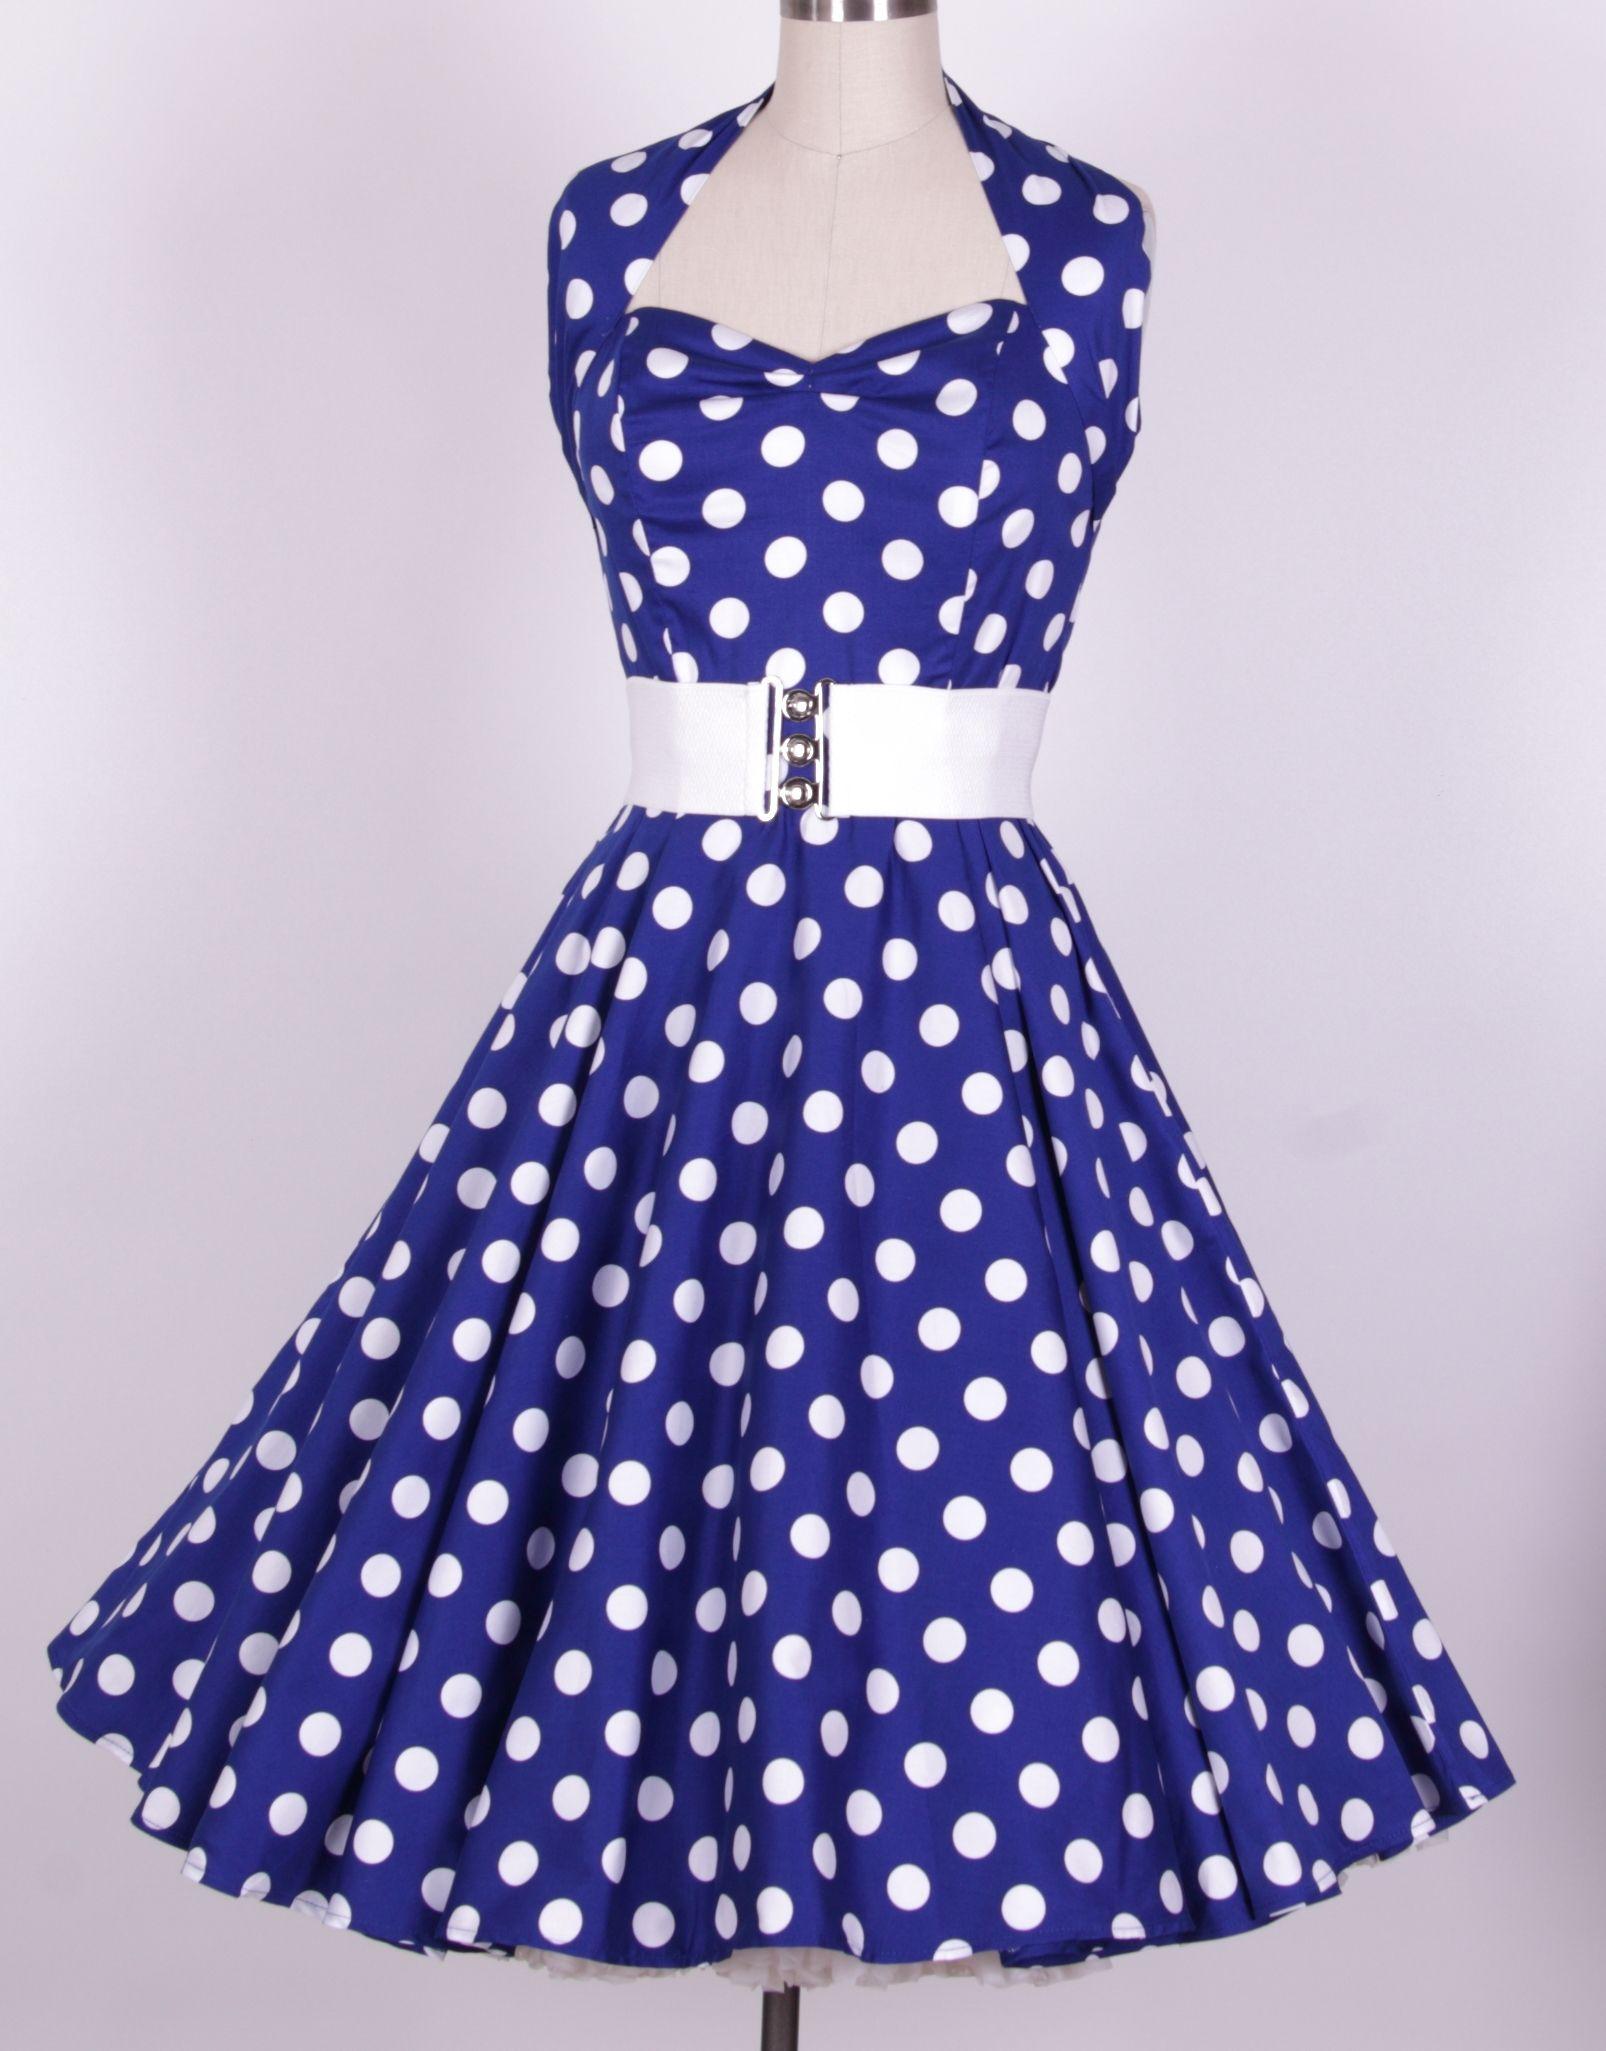 polka dot ballroom dresses and skirts | Home :: 1950s Dresses :: 50s ...